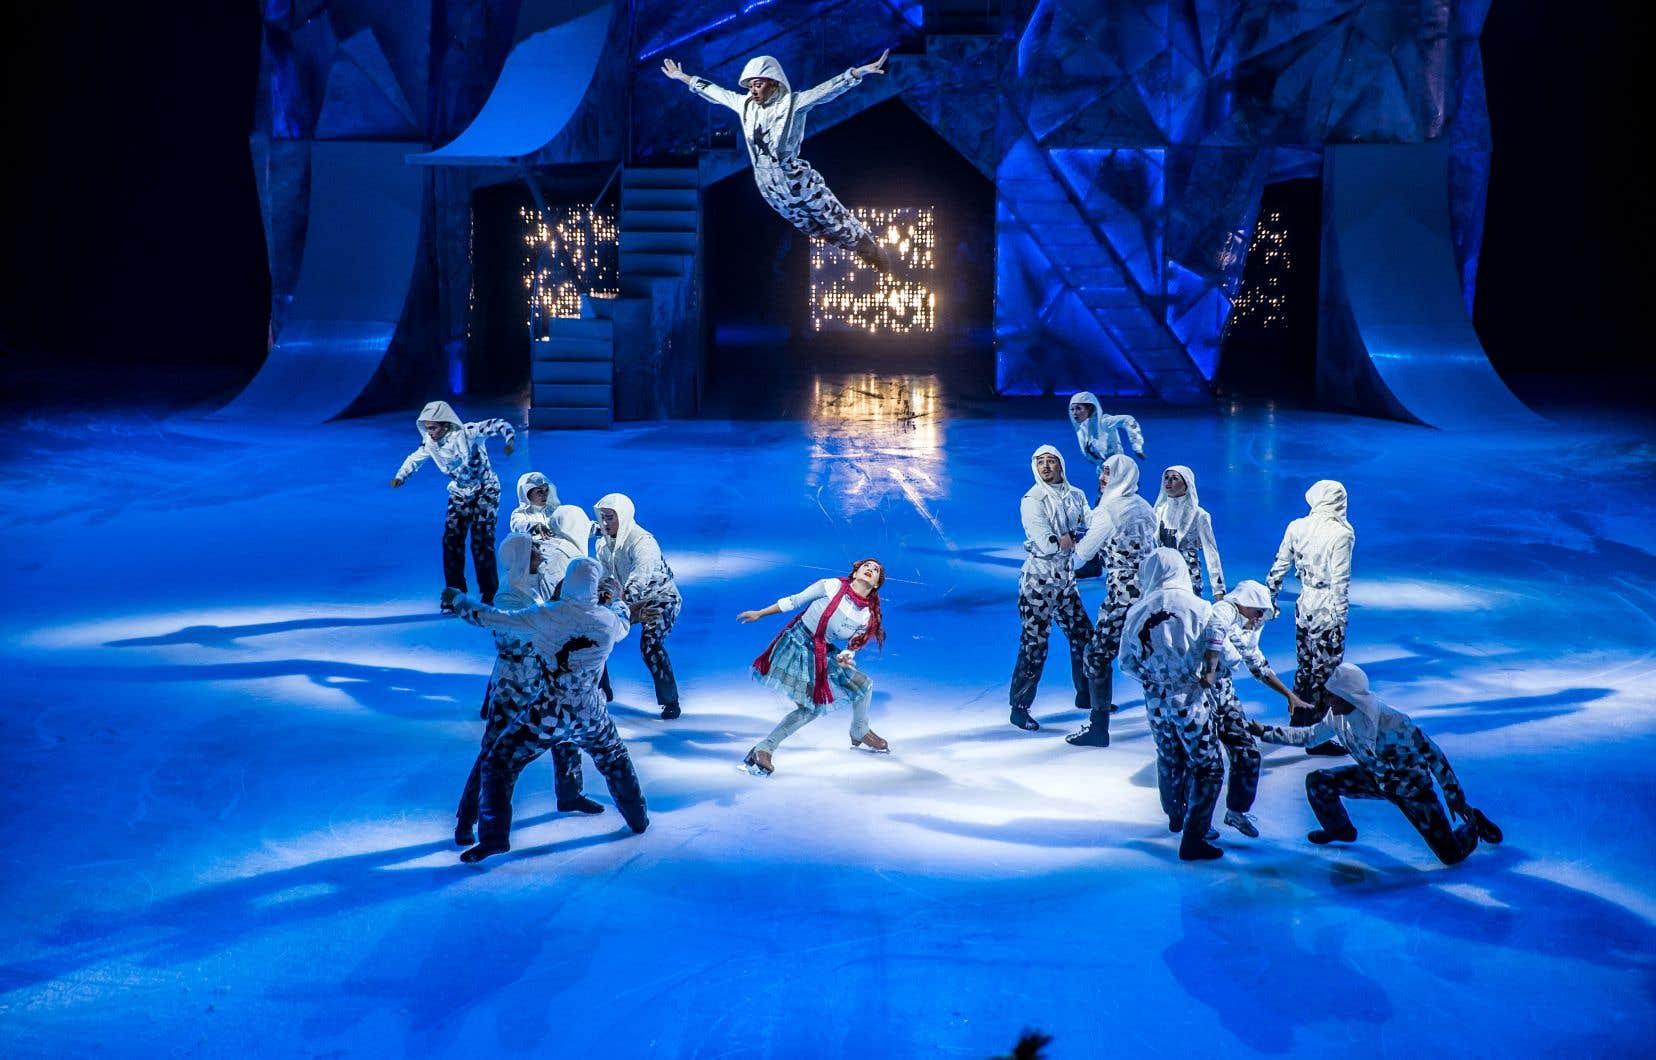 Une des scènes rappelle l'ambiance d'un match de hockey, avec pirouettes et acrobaties époustouflantes au sommet des rampes installées pour l'occasion.